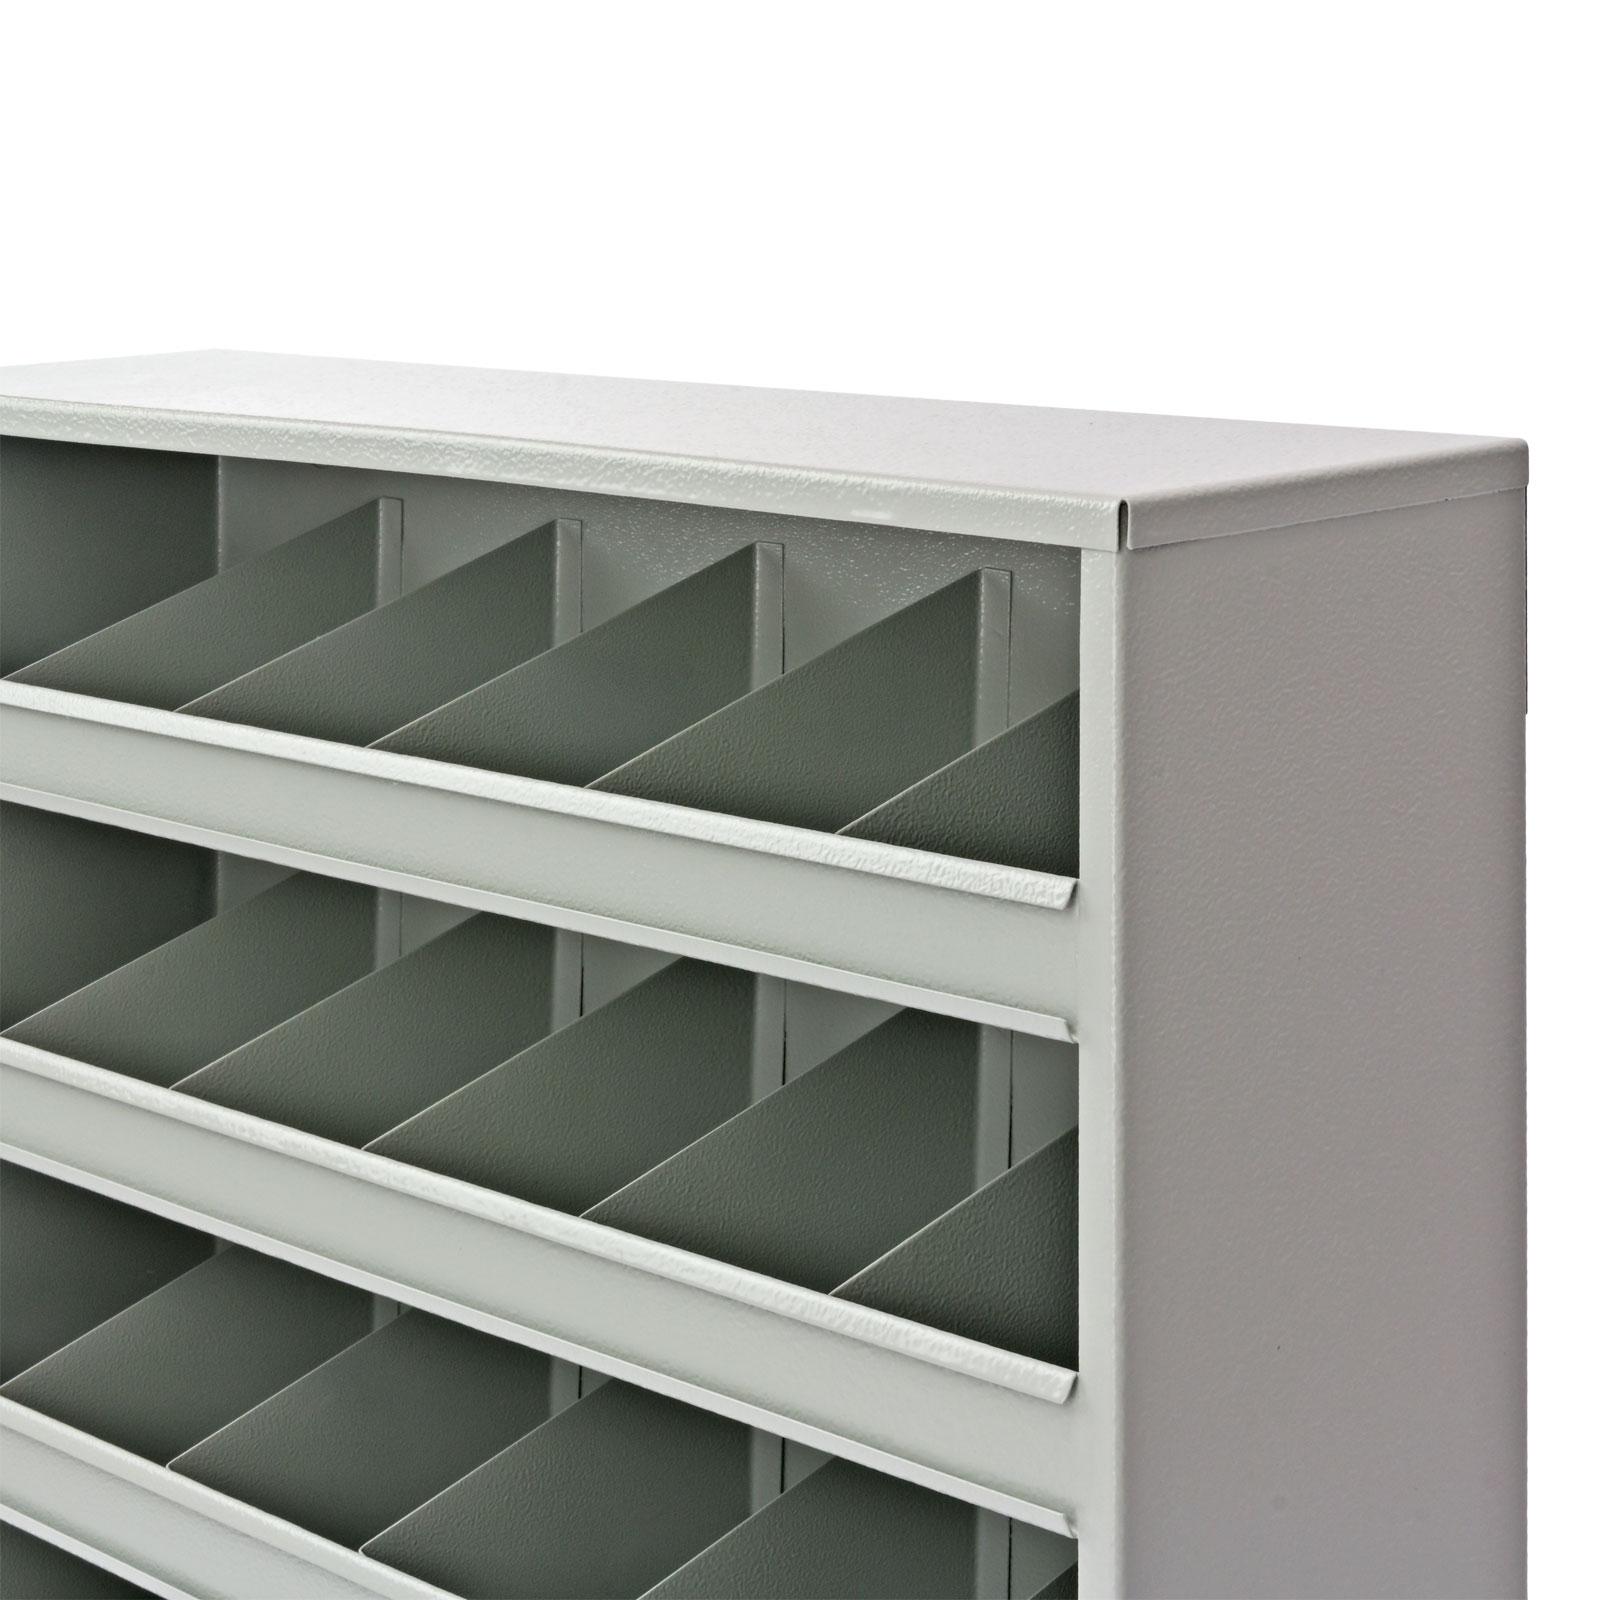 919636 kleinteilmagazin sch ttenregal schraubenregal. Black Bedroom Furniture Sets. Home Design Ideas